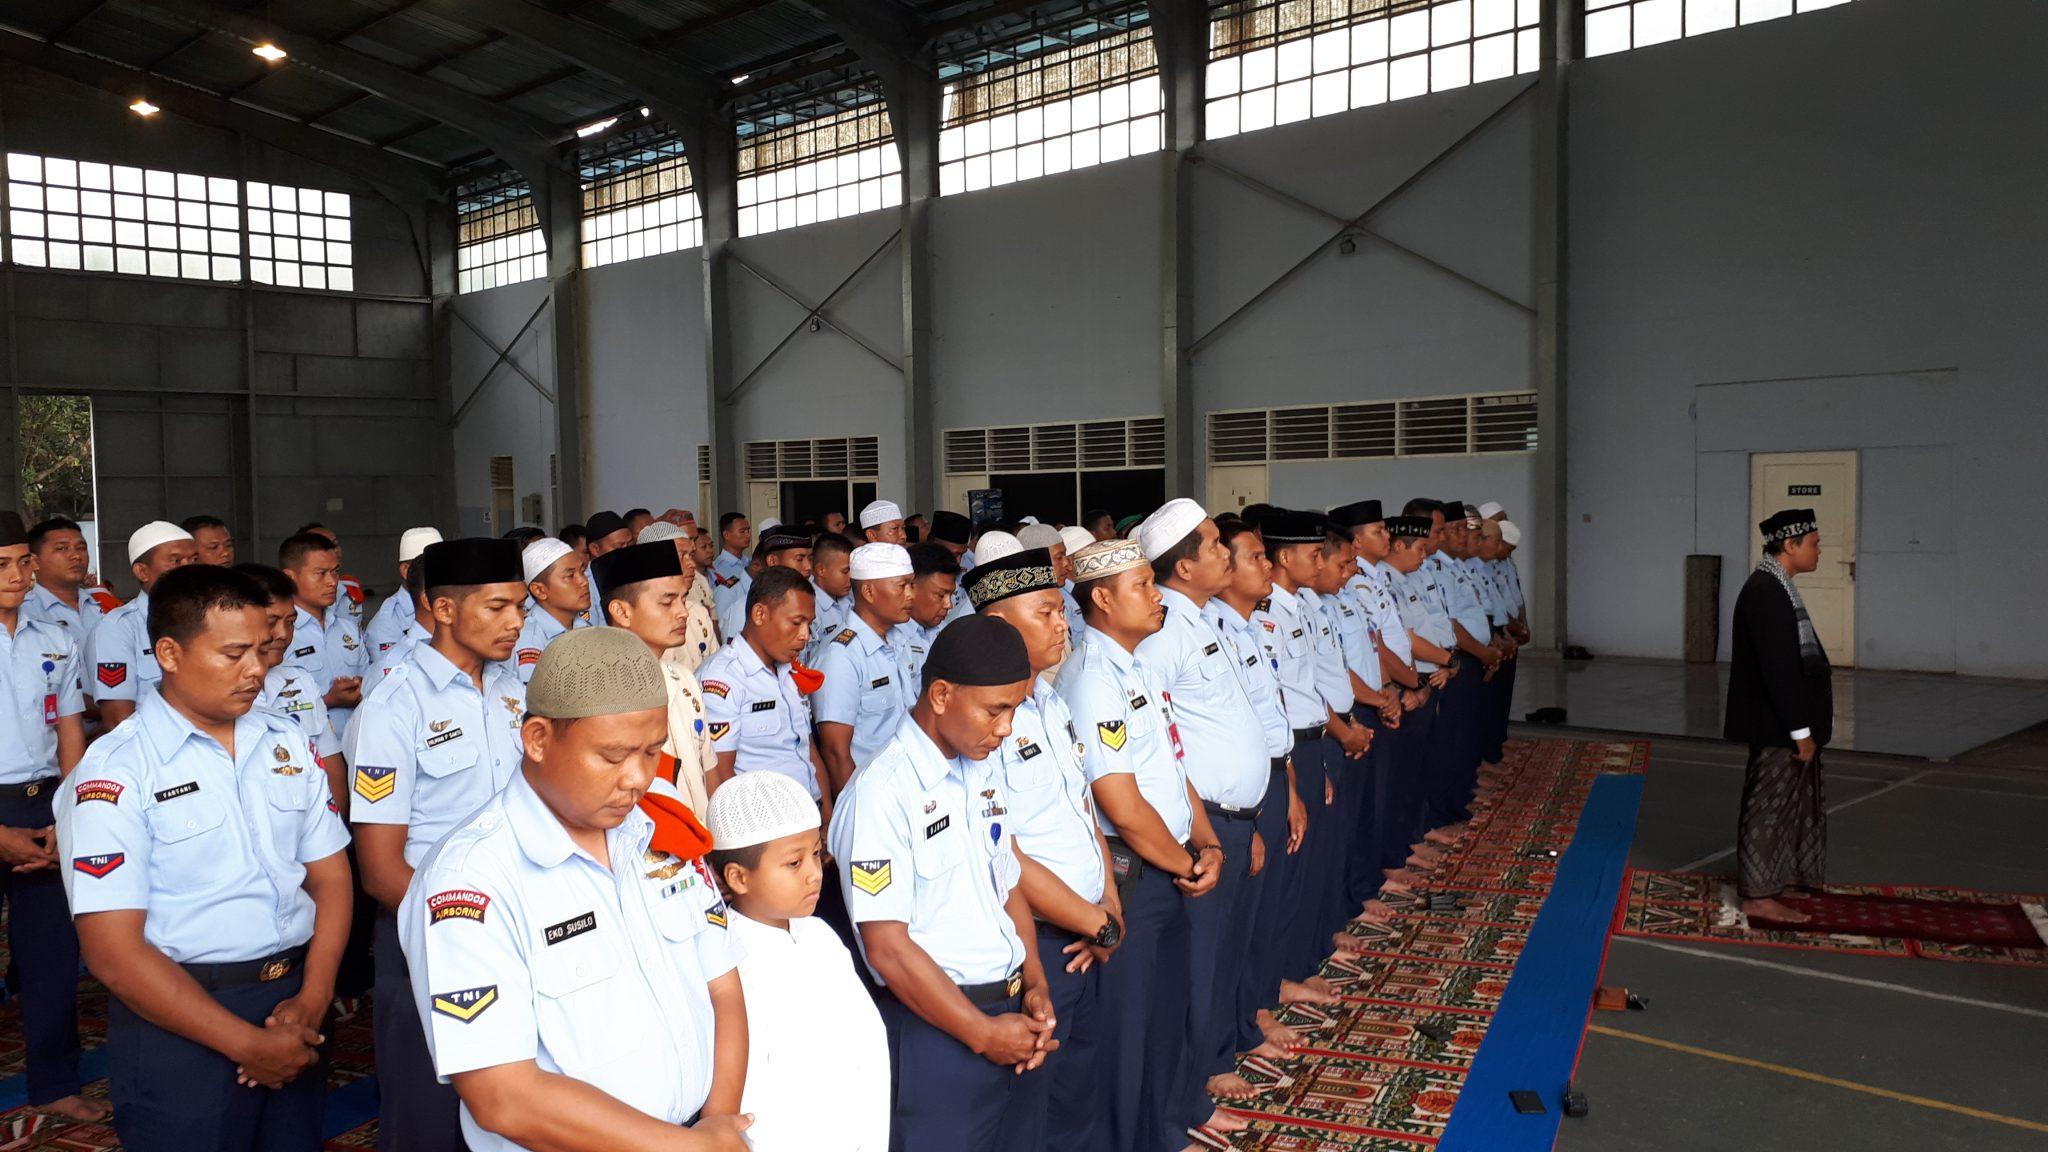 Personel_Lanud_Soewondo__Kosekhanudnas_III_dan_Wing_III_Phaskas_melaksanakan_Sholat_Ghoib_untuk_korban_gempa_dan_Tsunami_di_Sulawesi_Tengah_bertempat_di_hanggarLanud_Swo.